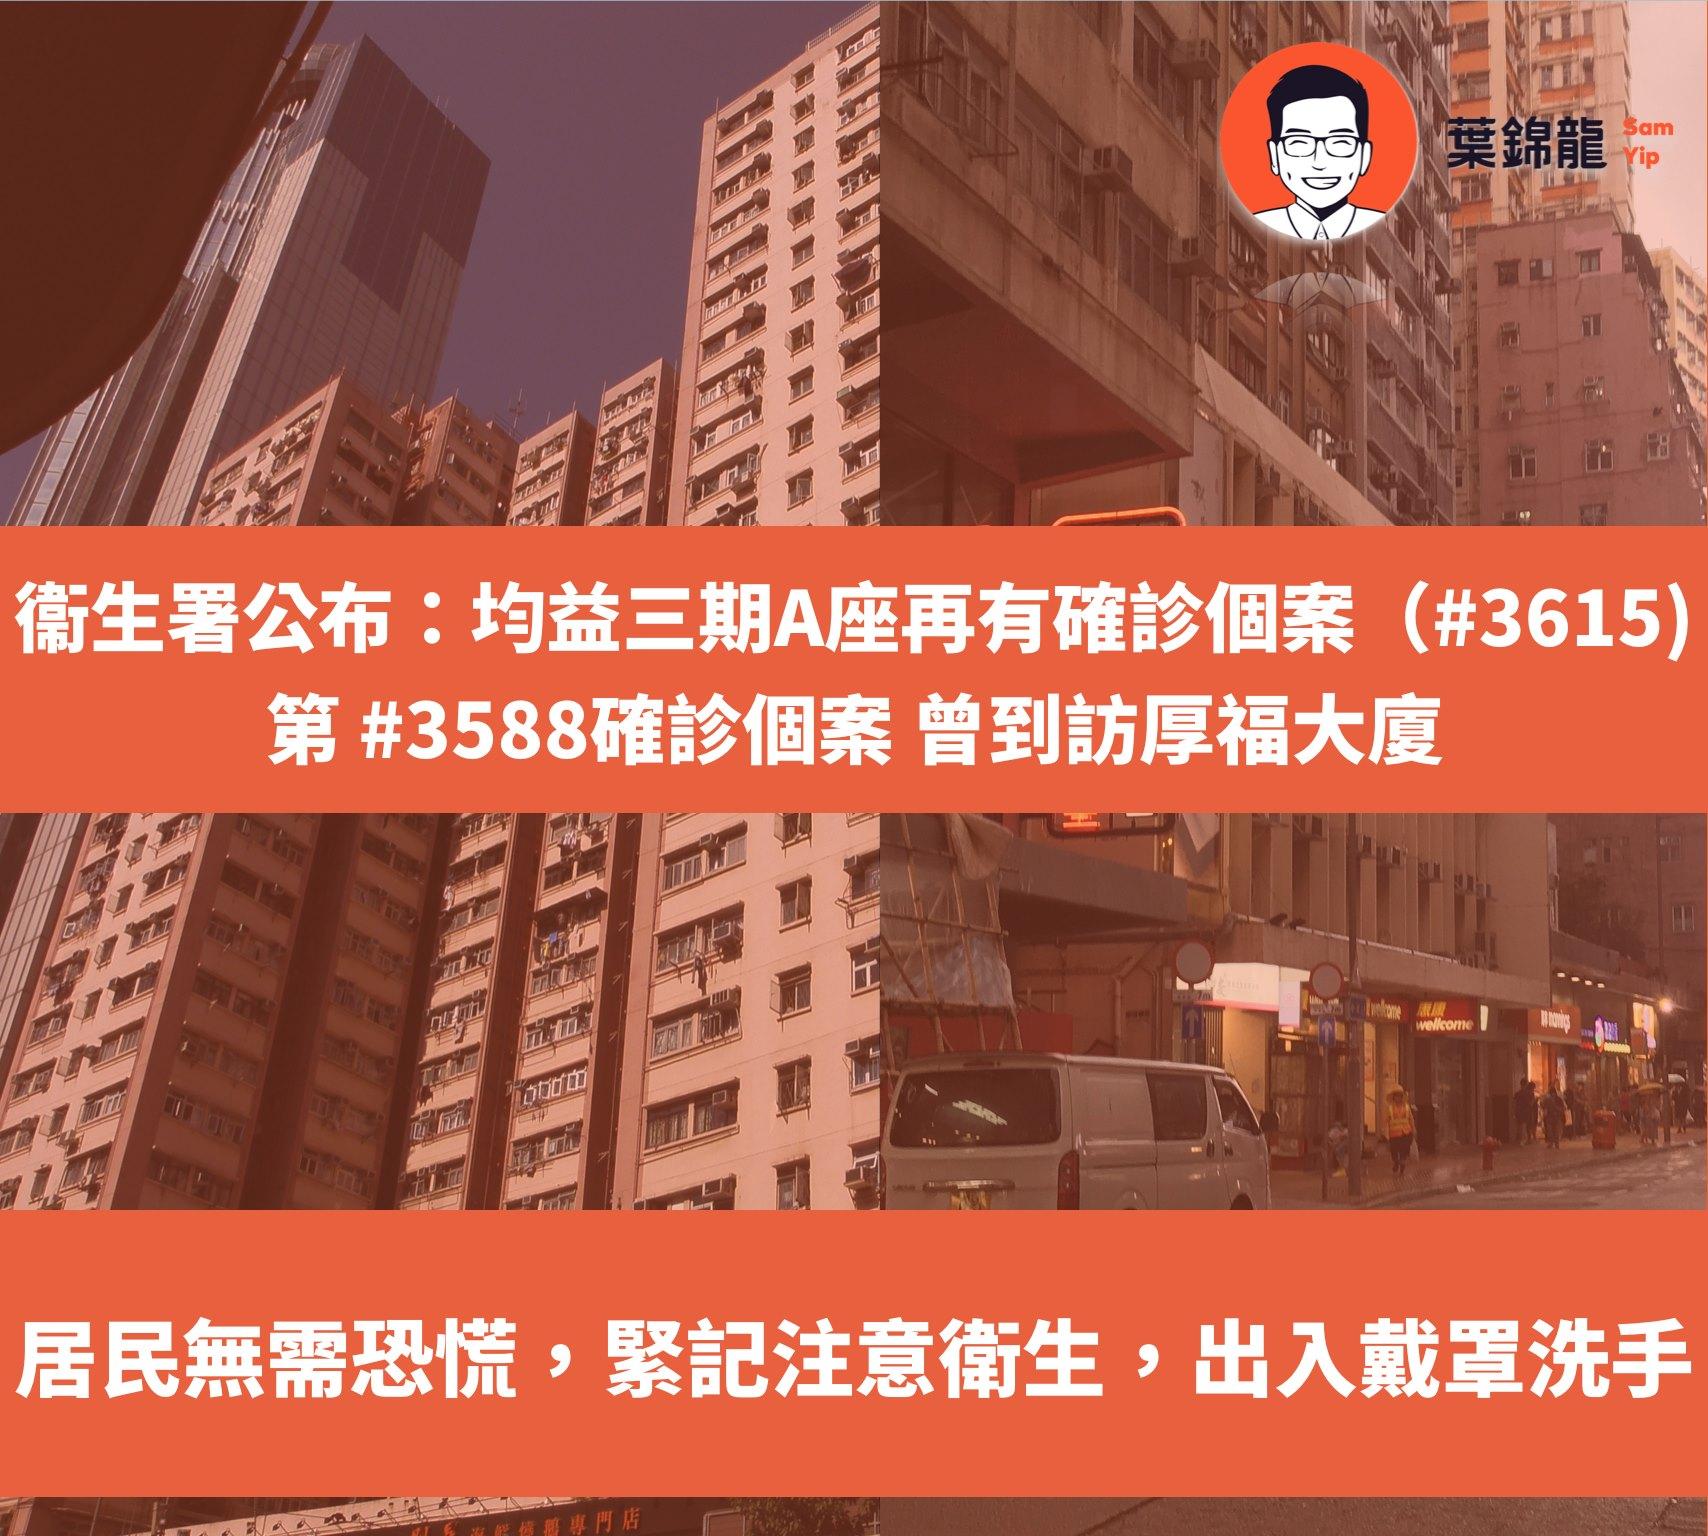 【衞生署公布:均益三期A座再有確診個案(#3615) 及 第 #3588確診個案曾到訪厚福大廈】